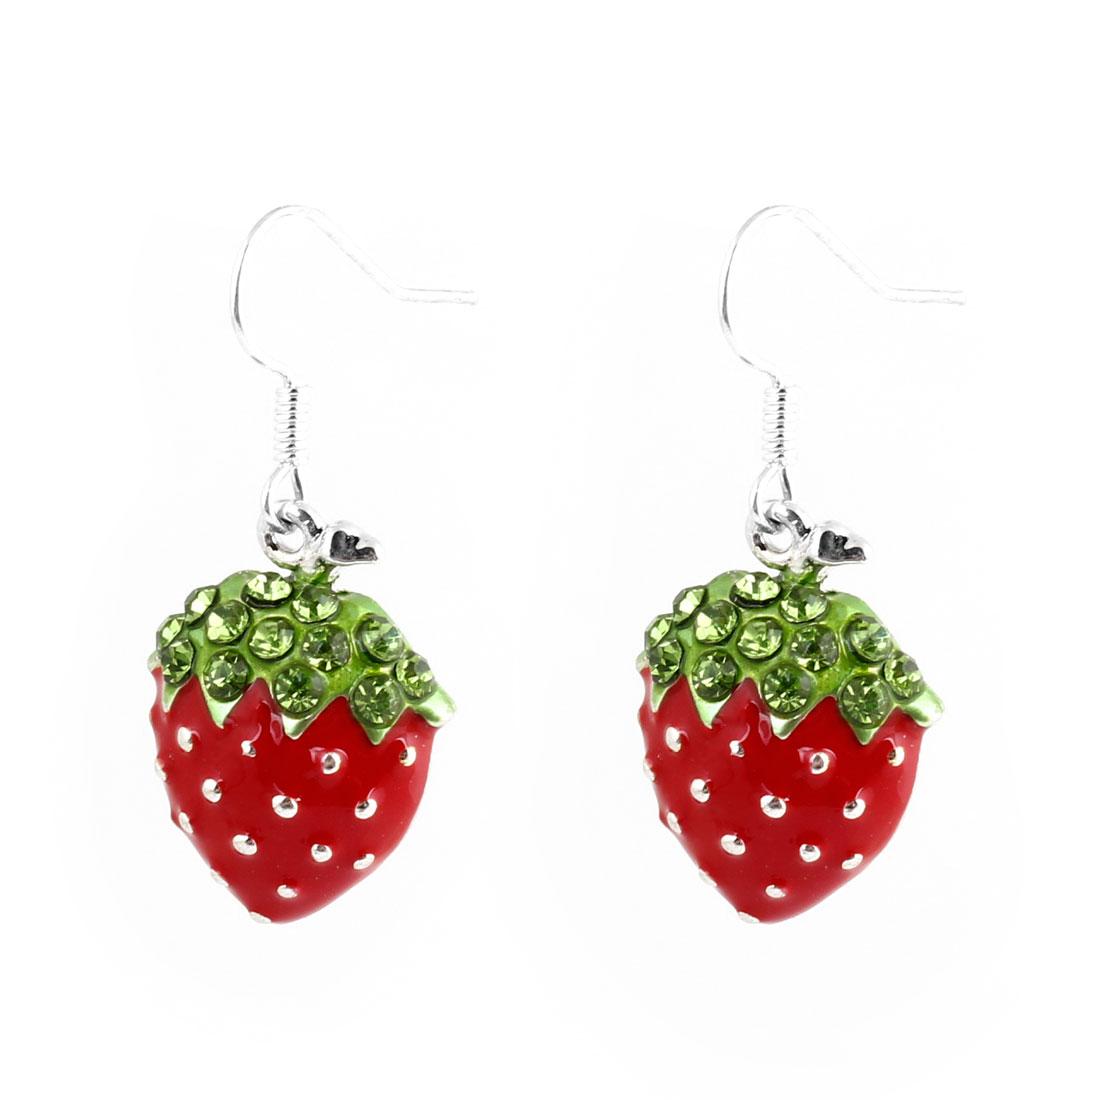 Red Green Strawberry Design Pendant Dangle Eardrop Fish Hook Earrings for Woman